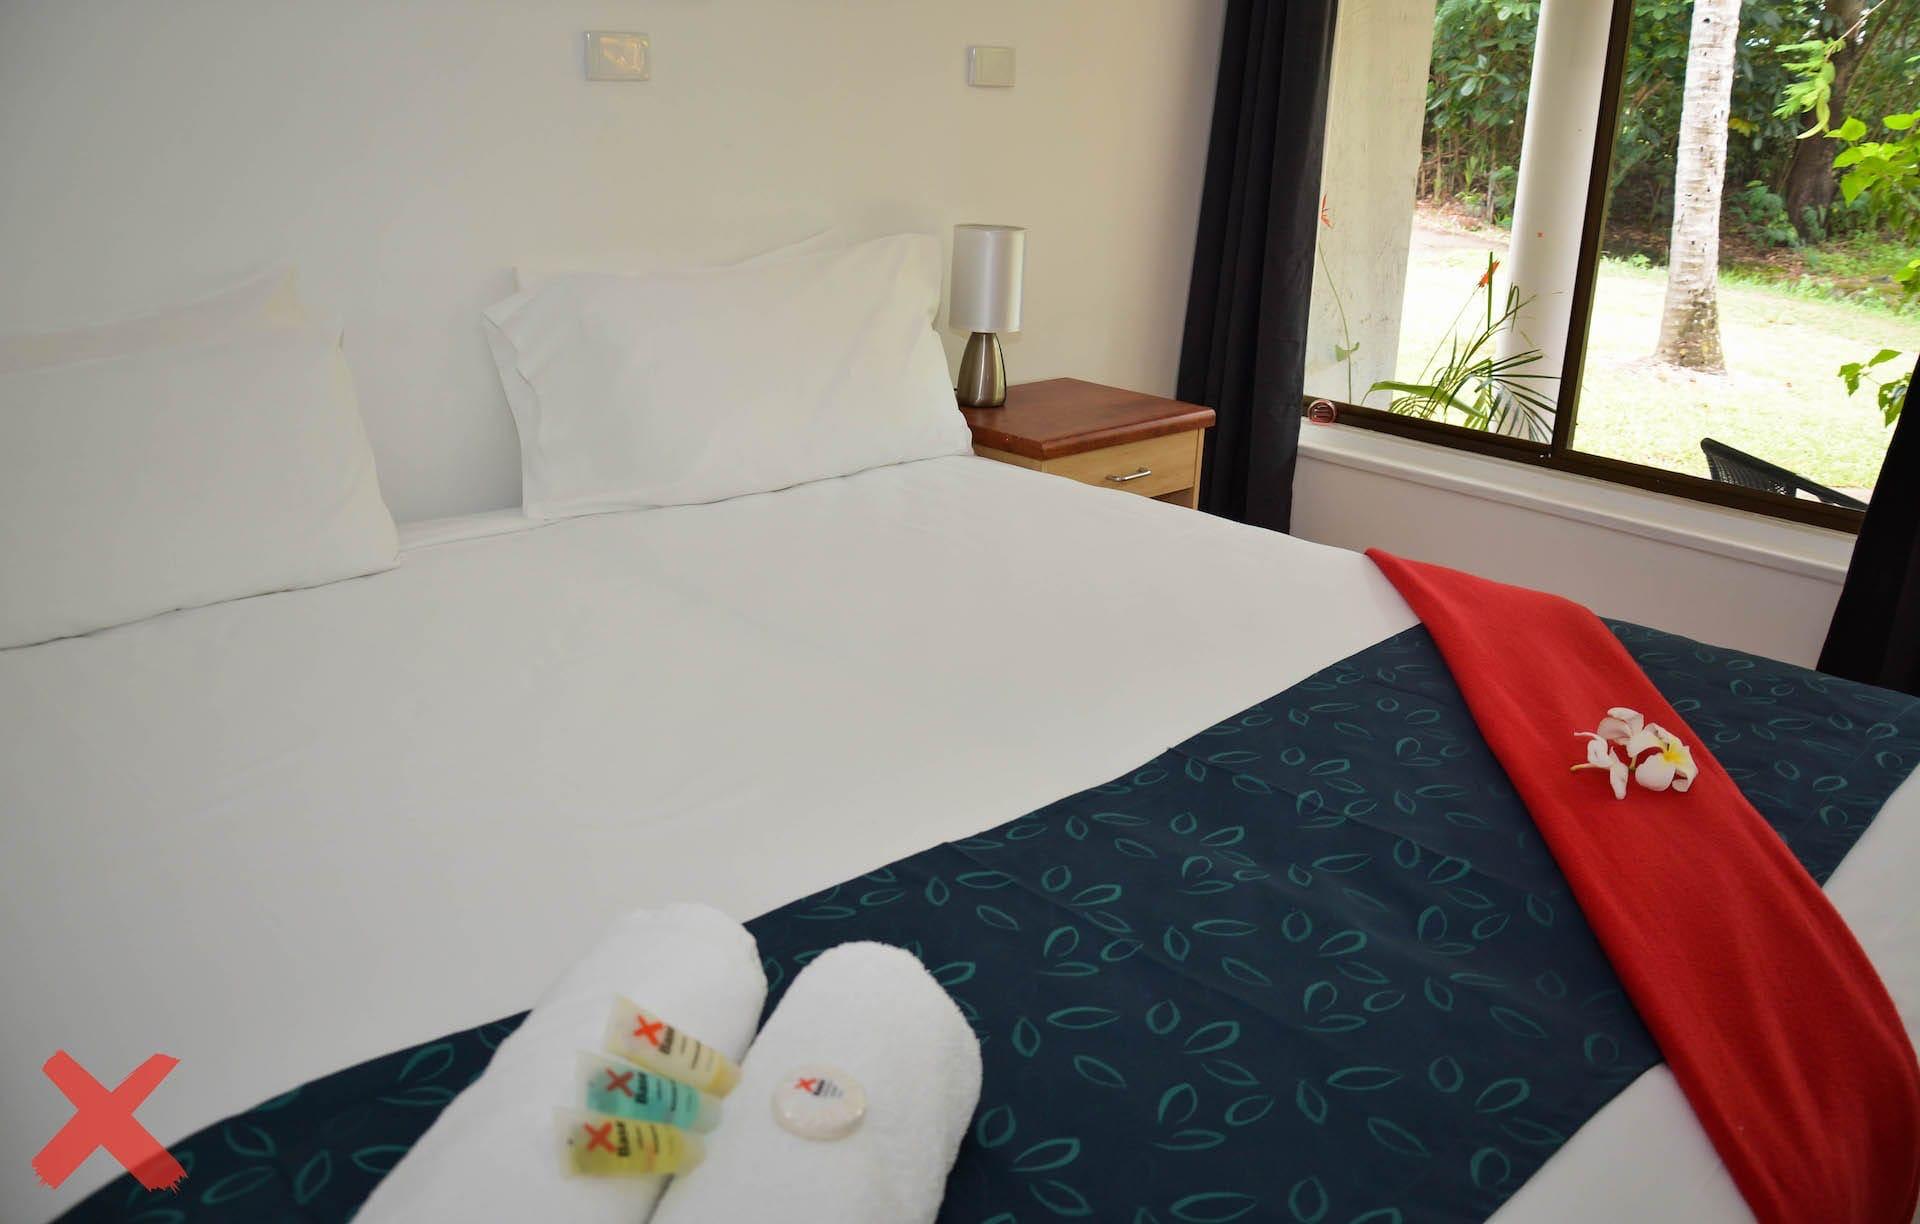 Base艾尔利滩背包客旅馆的私人皇后套房